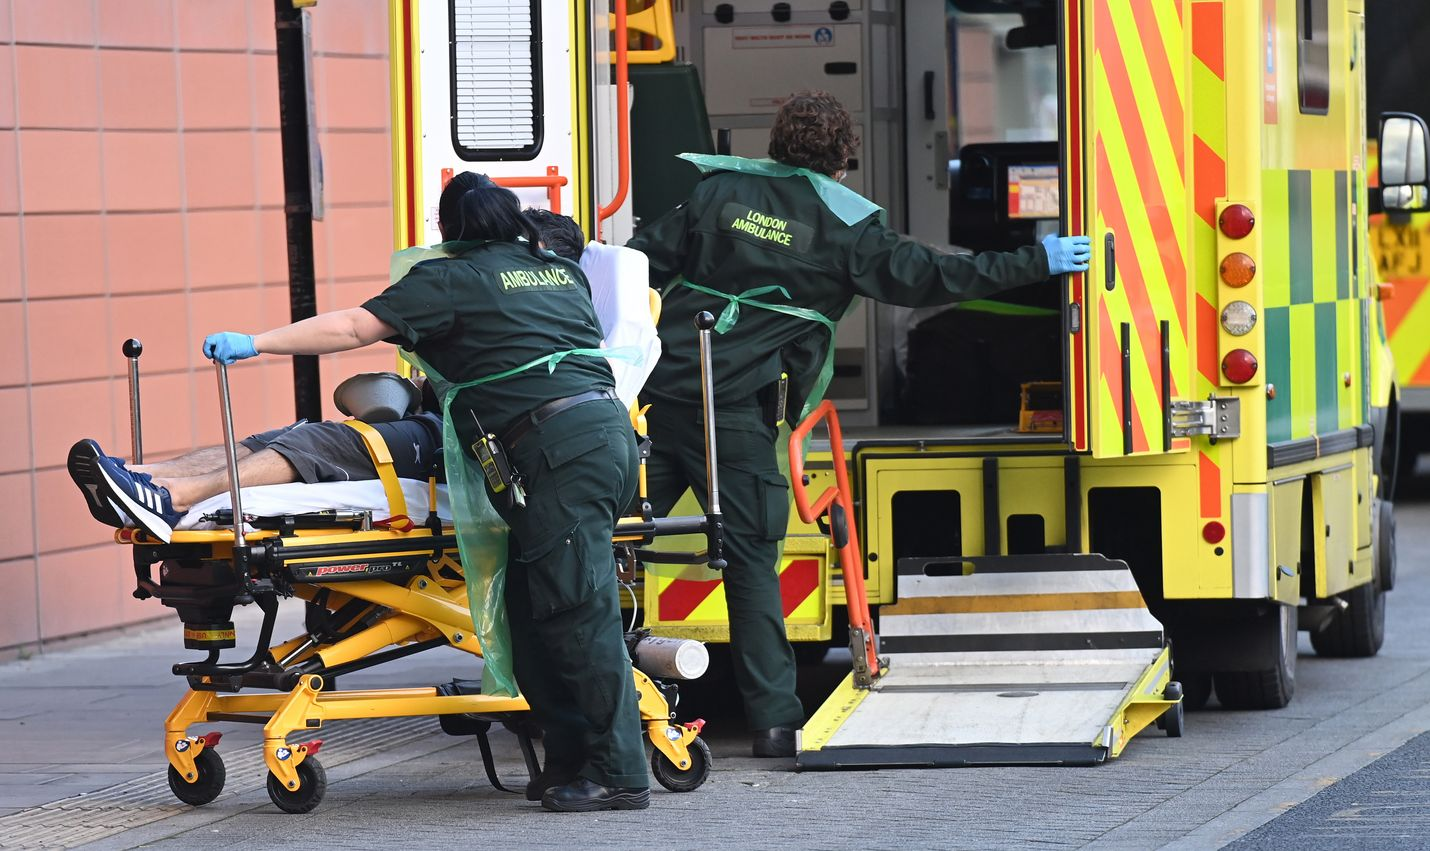 Alkuvuodesta Britannian sairaaloissa on ollut enemmän covid-19-potilaita kuin viime kevään viruksen ensimmäisen aallon aikana.